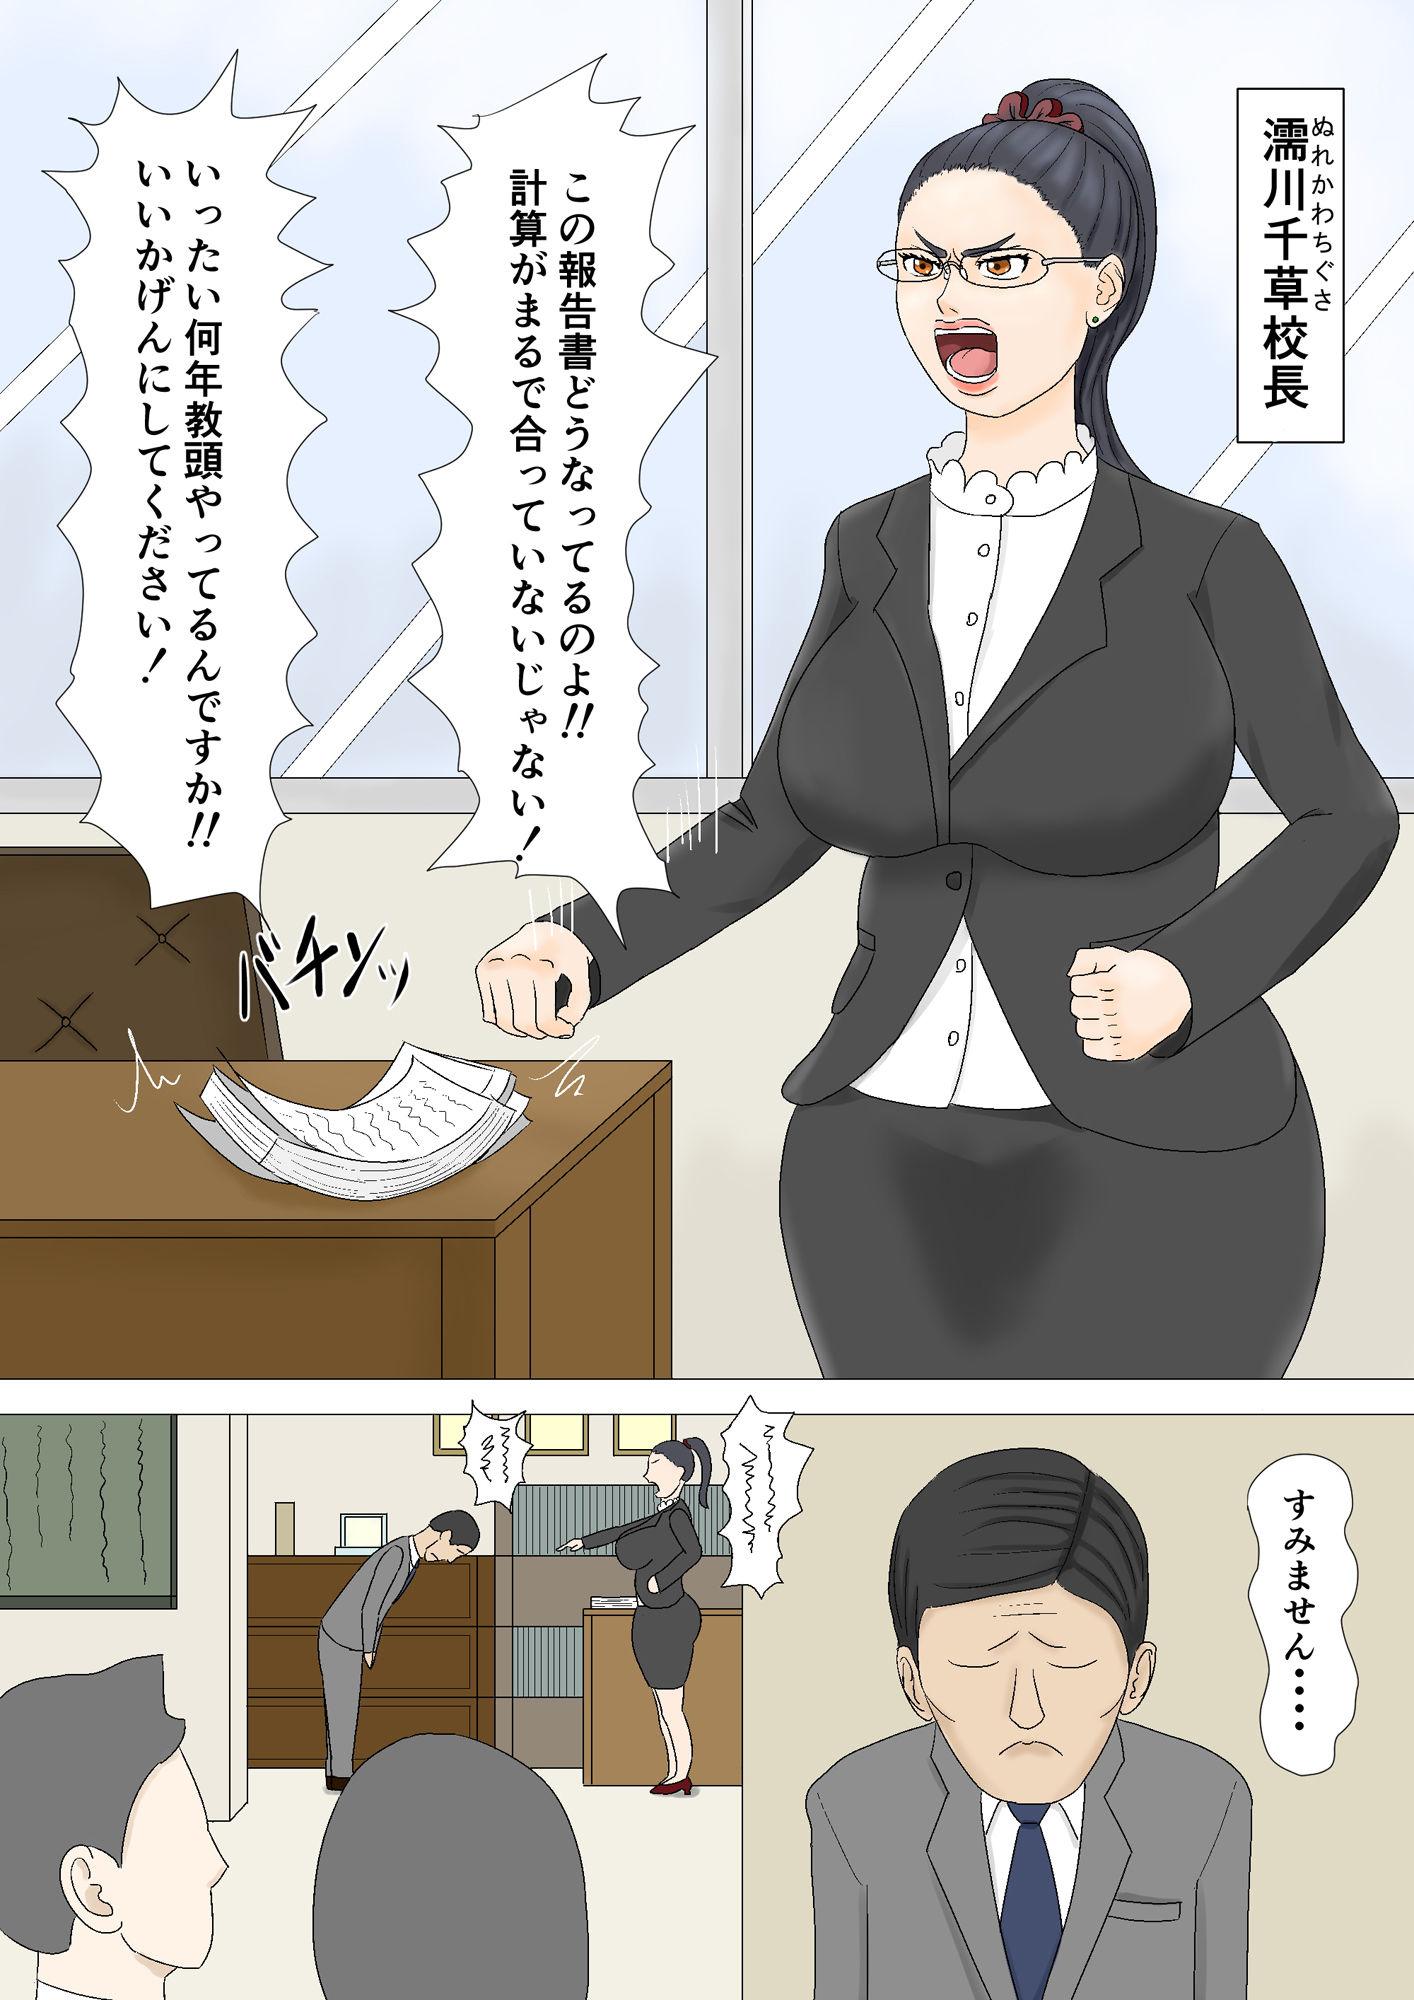 【ねごろ屋 同人】熟肉母濡川千草校長